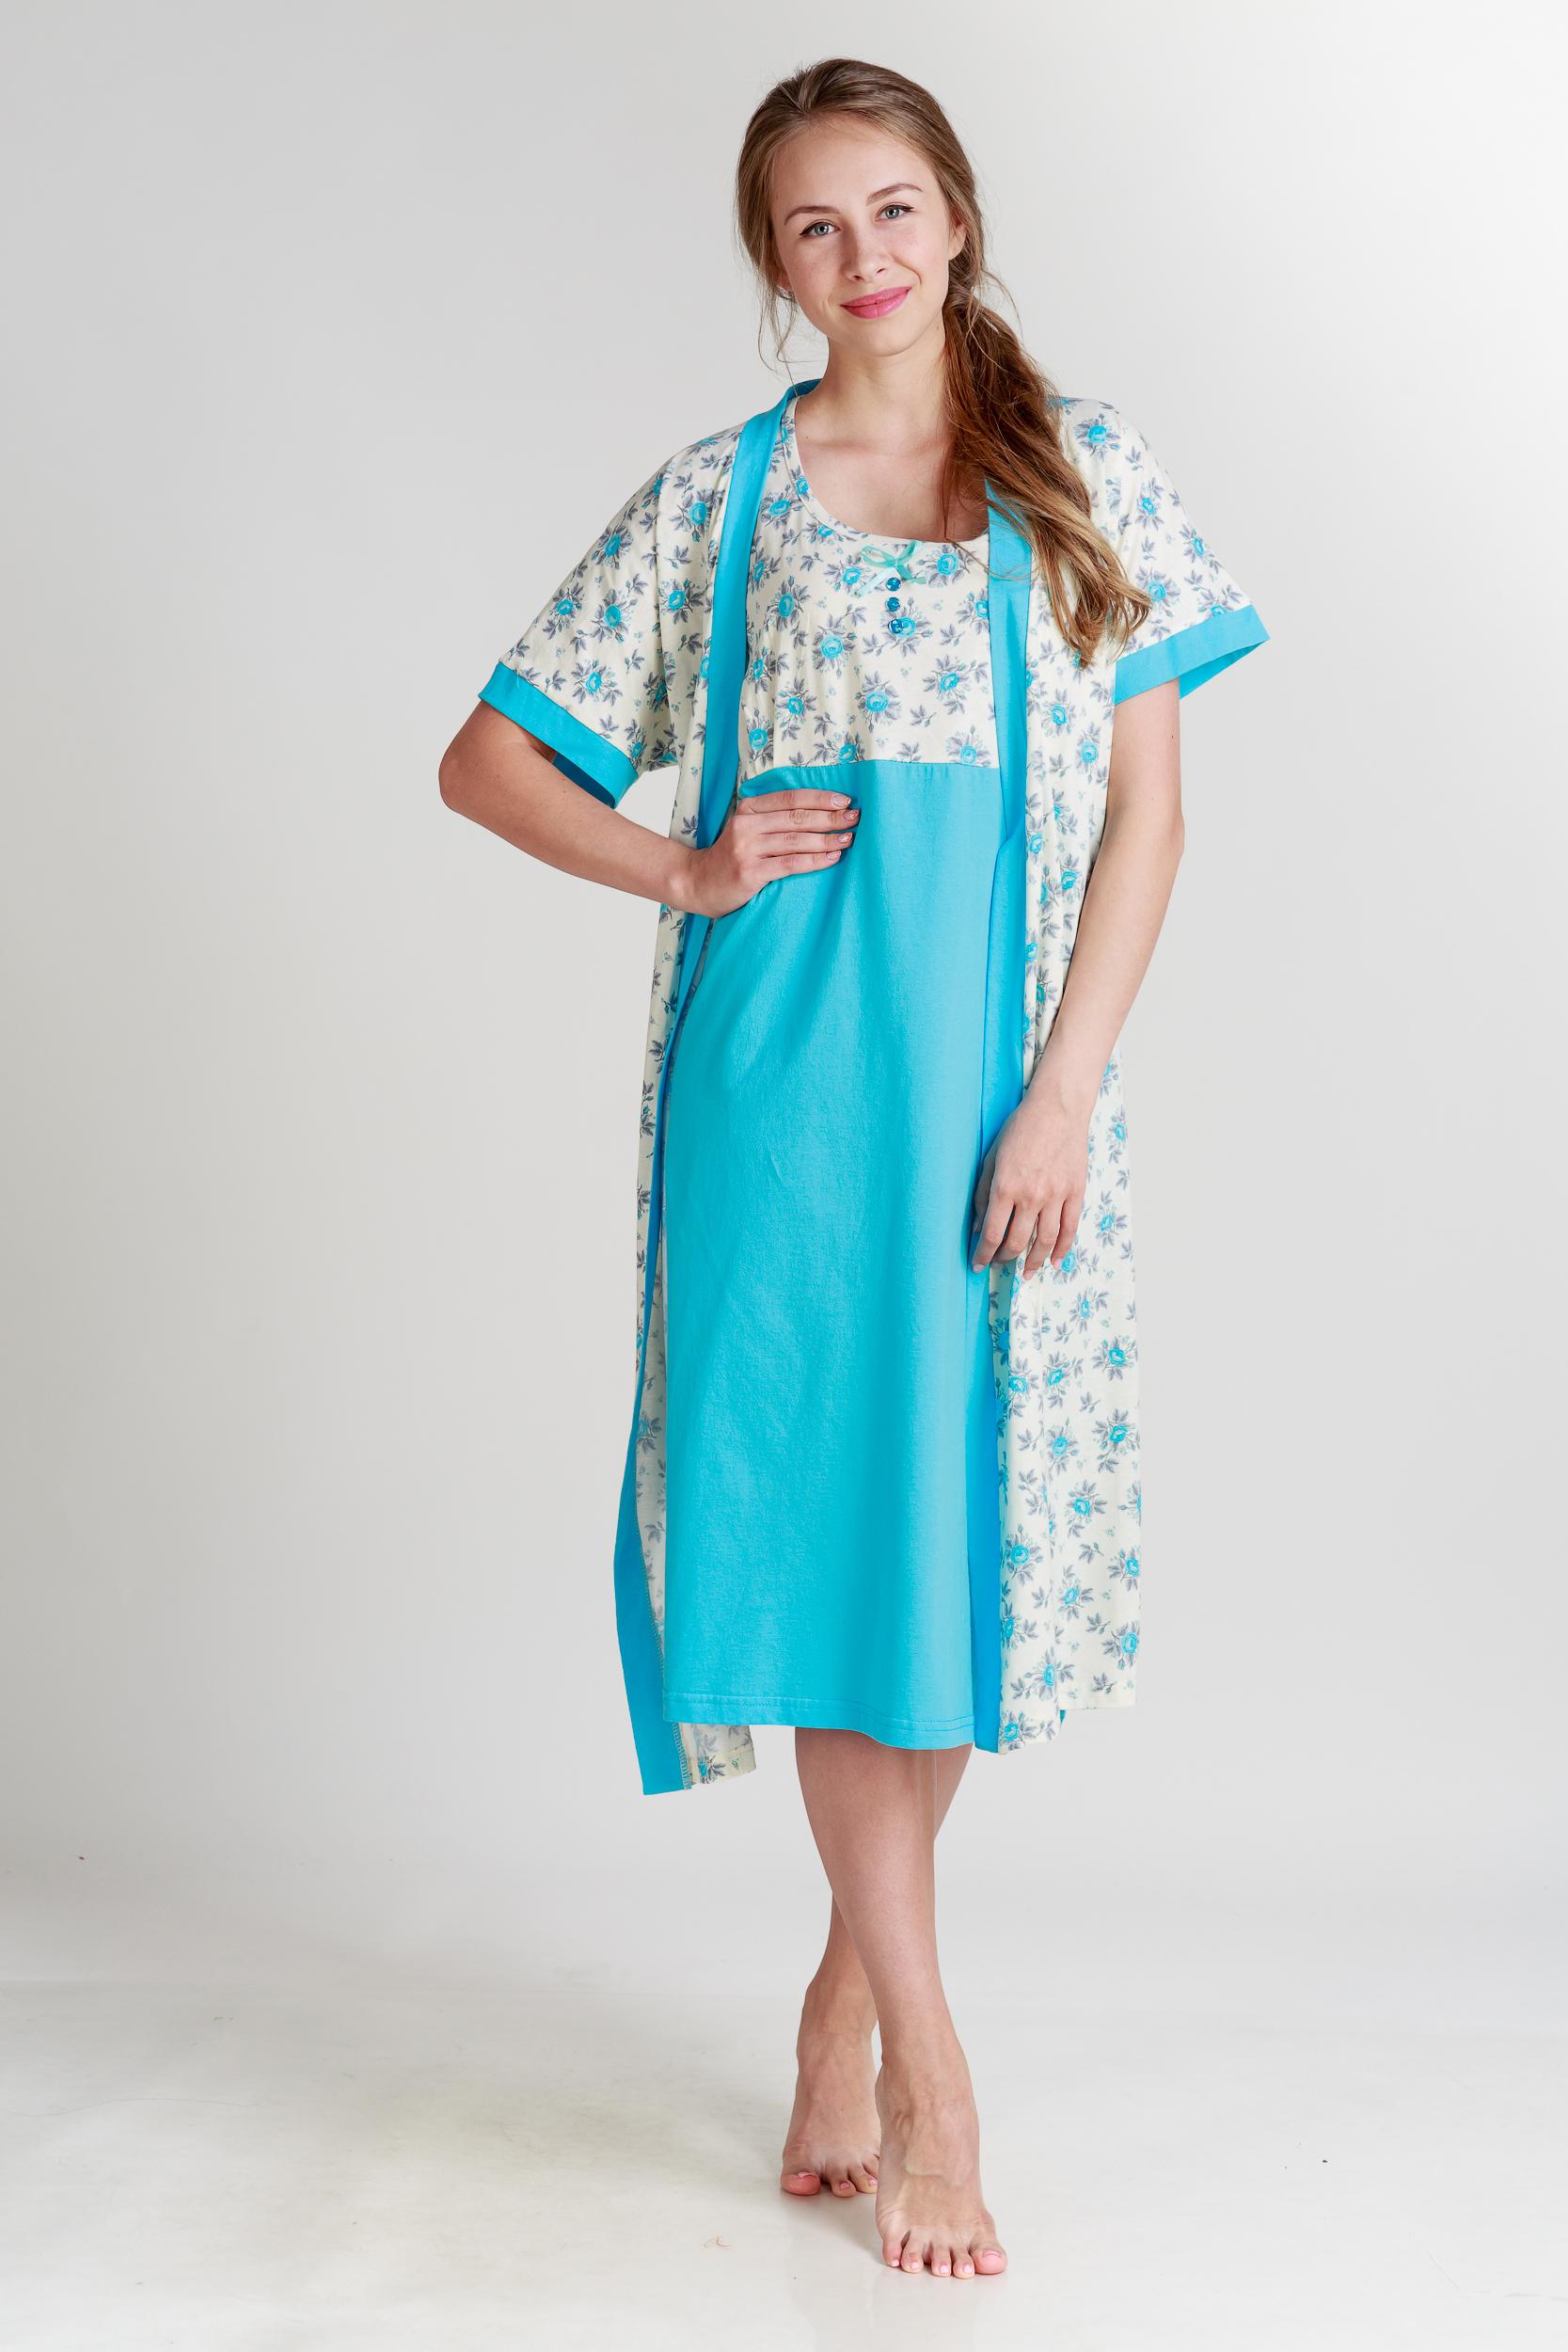 Домашние халаты Pastilla Халат и сорочка Ваниль Цвет: Голубой (xL-xxL) alena alenkina комплект халат сорочка